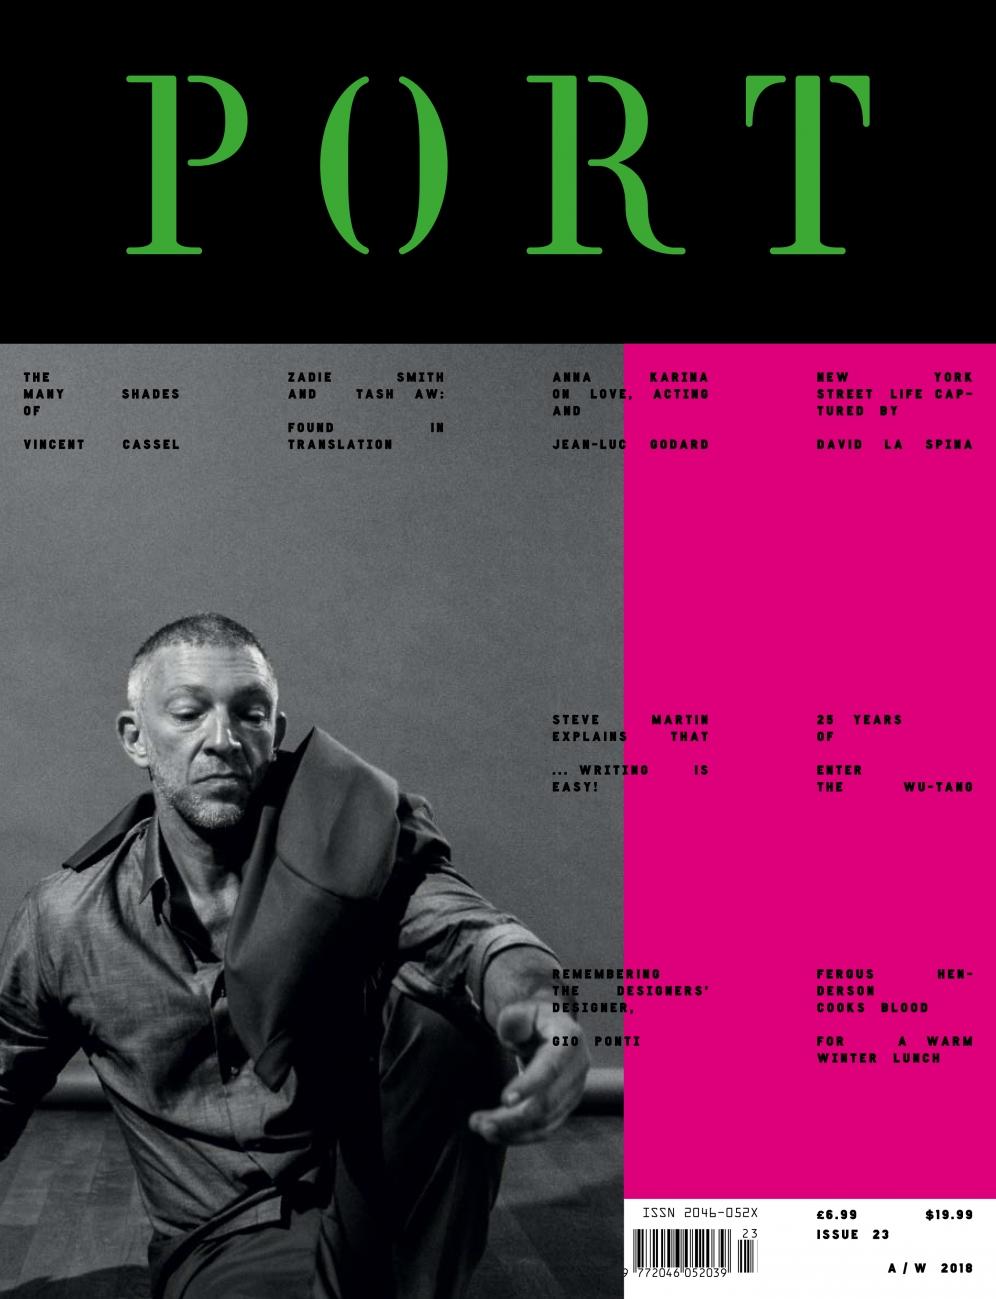 Port | Vincent Cassel